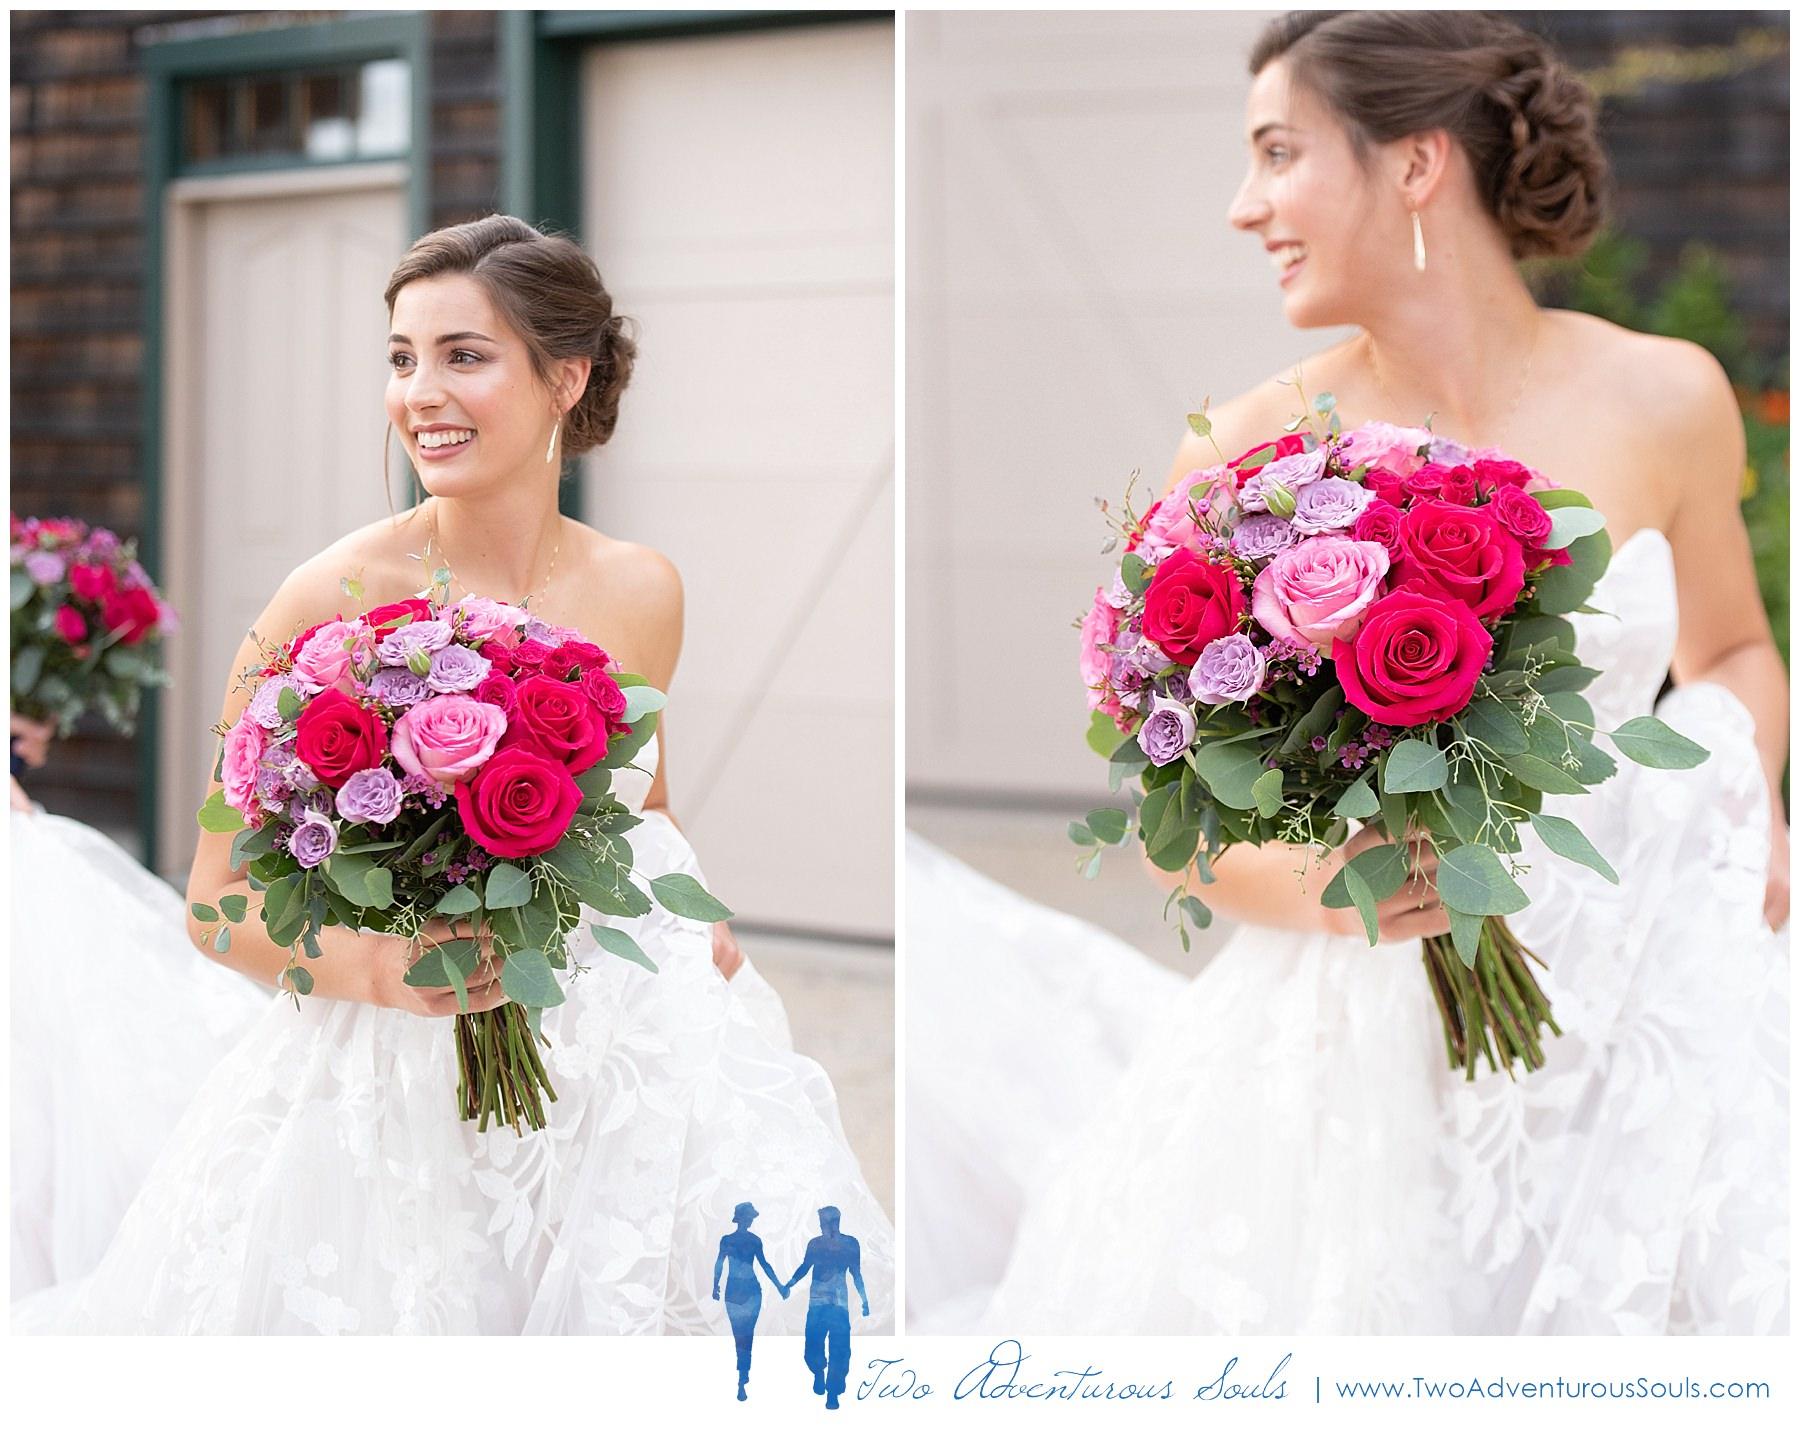 Maine Wedding Photographers, Granite Ridge Estate Wedding Photographers, Two Adventurous Souls - 080319_0016.jpg